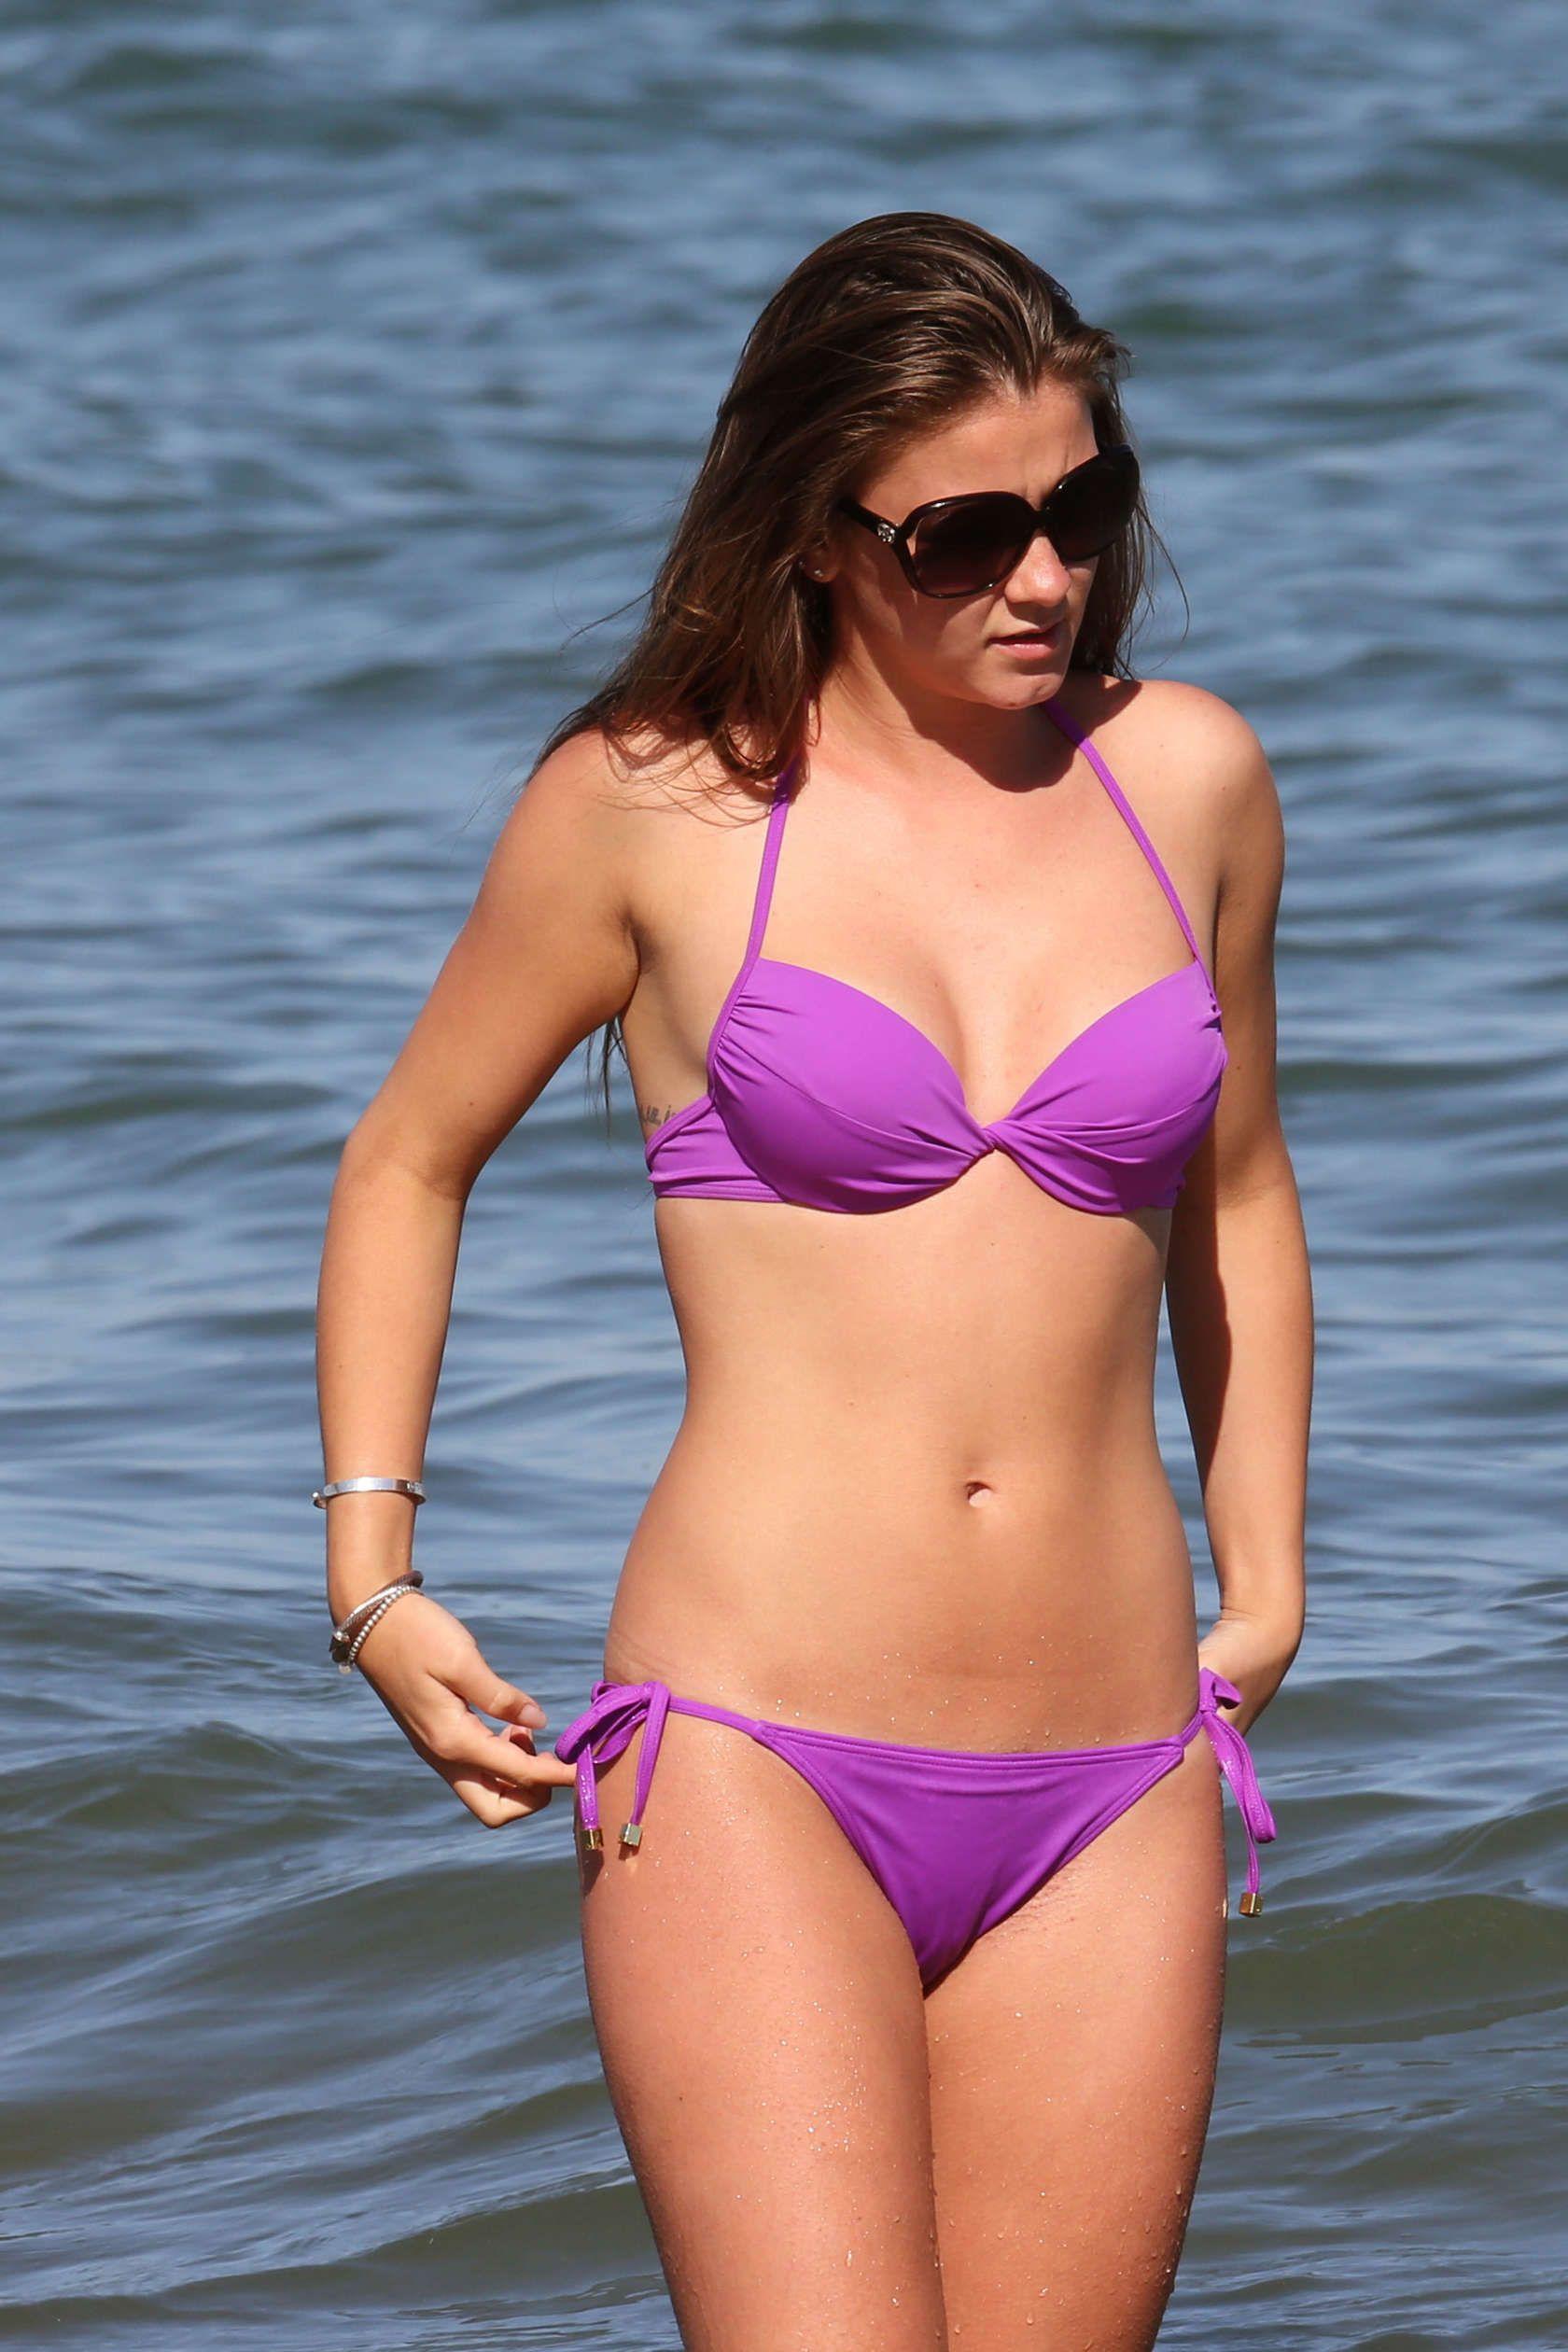 Babe beach bikini hot